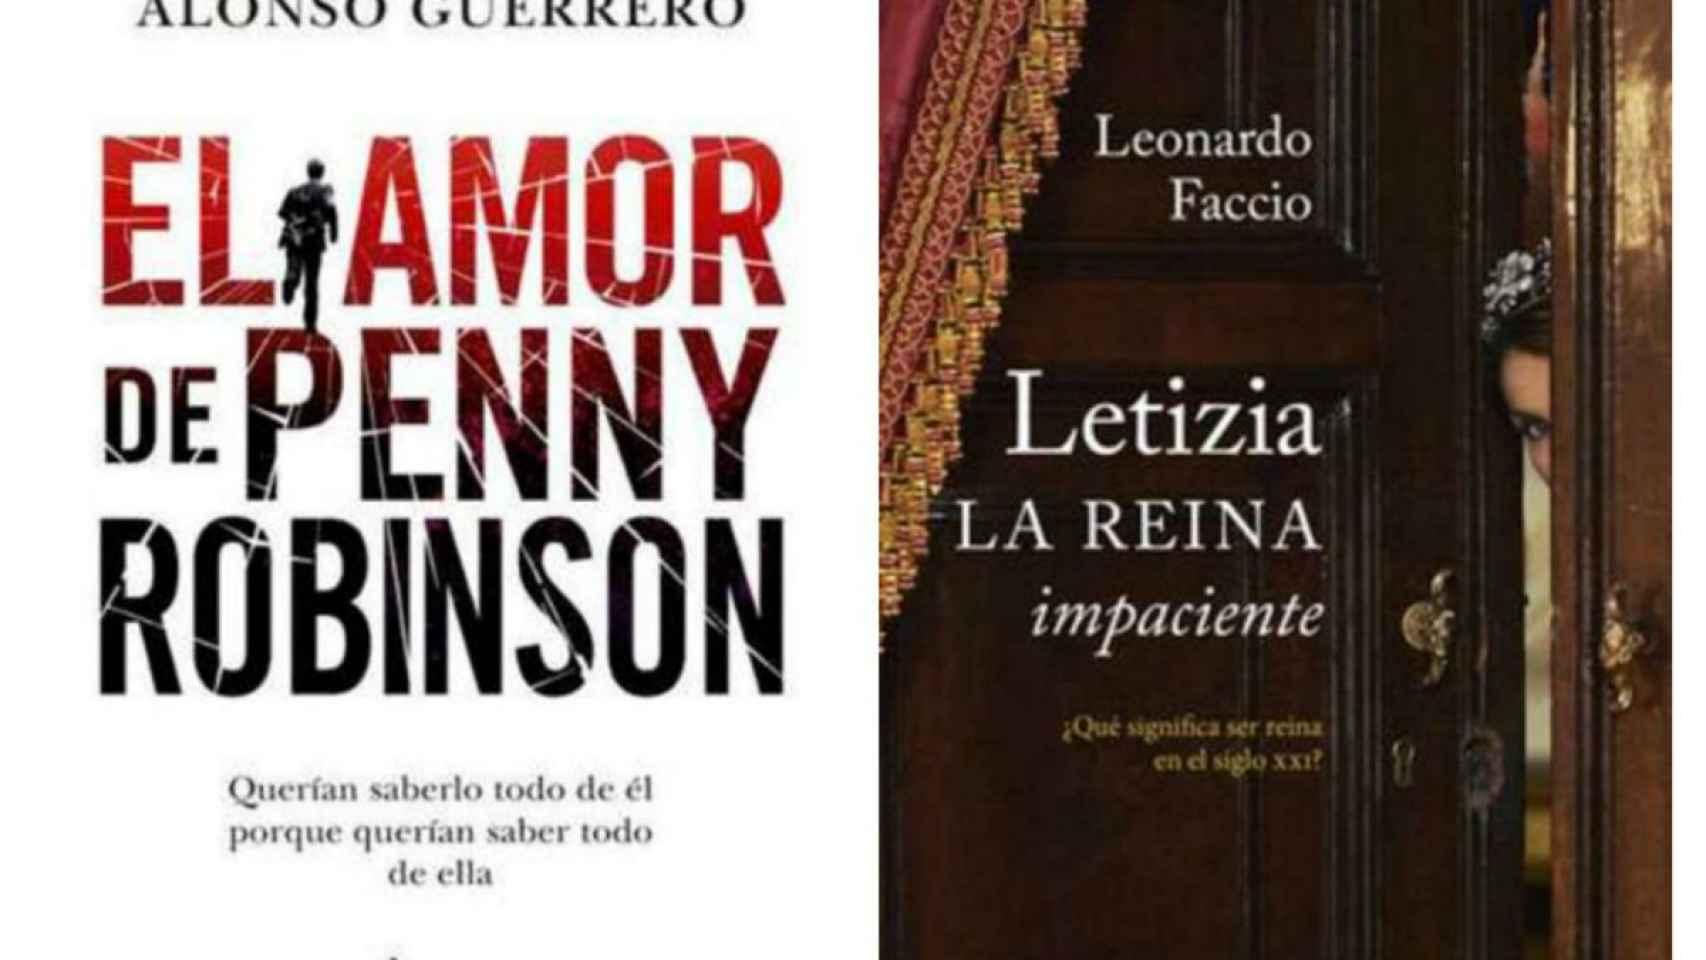 Los 25 libros basados en la vida de Letizia Ortiz: del más ácido al más suave